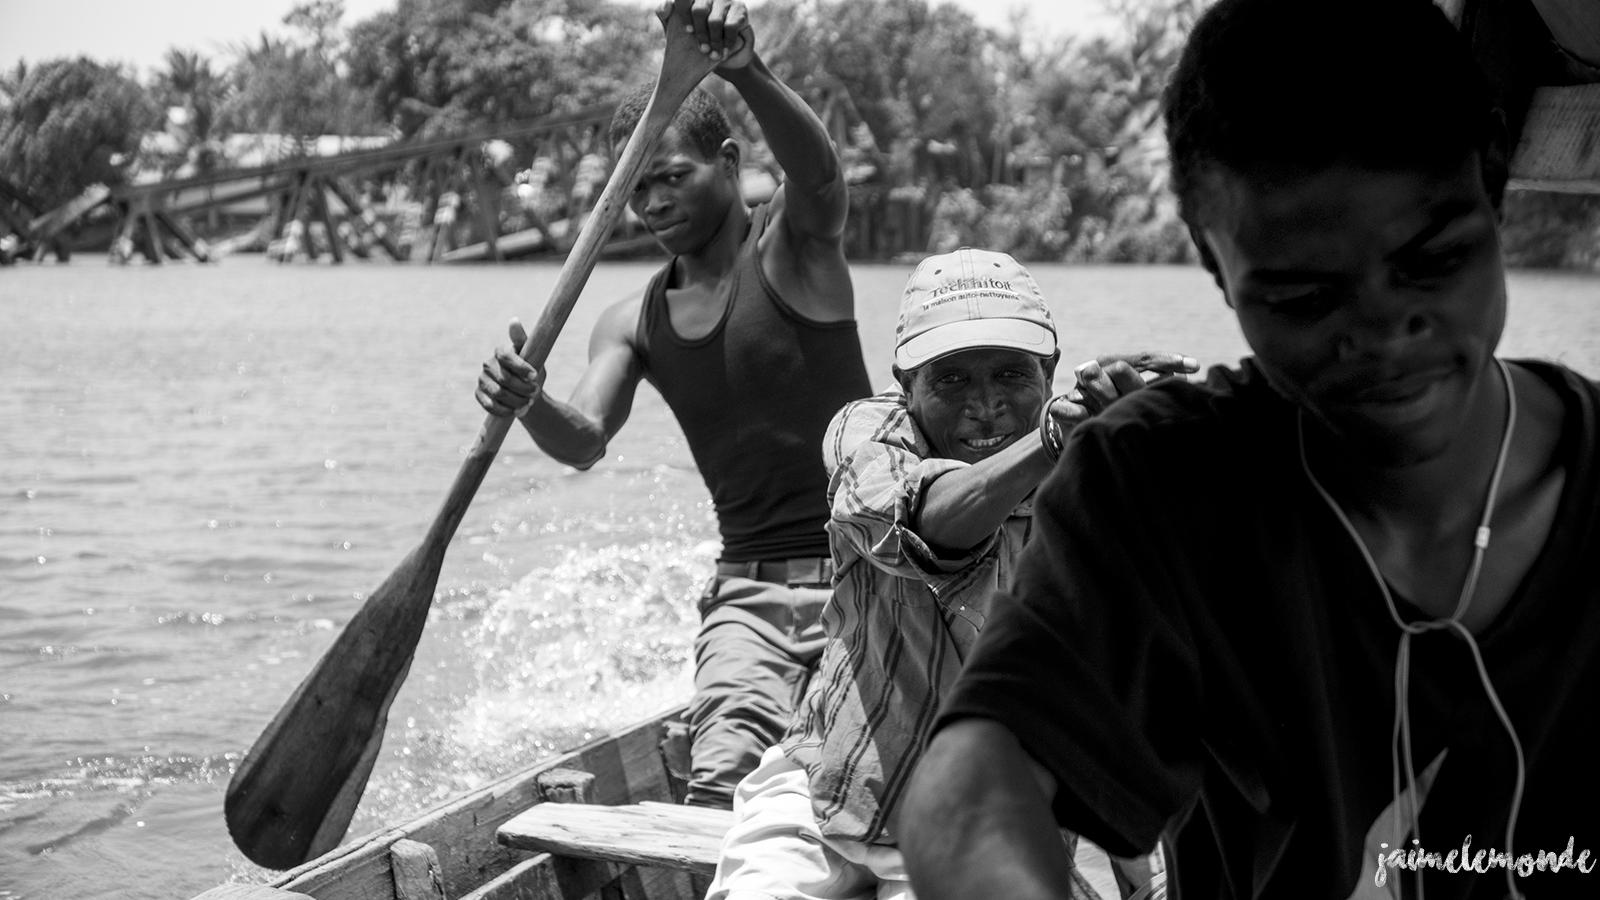 madagascar-nb-2016-jaimelemonde-18